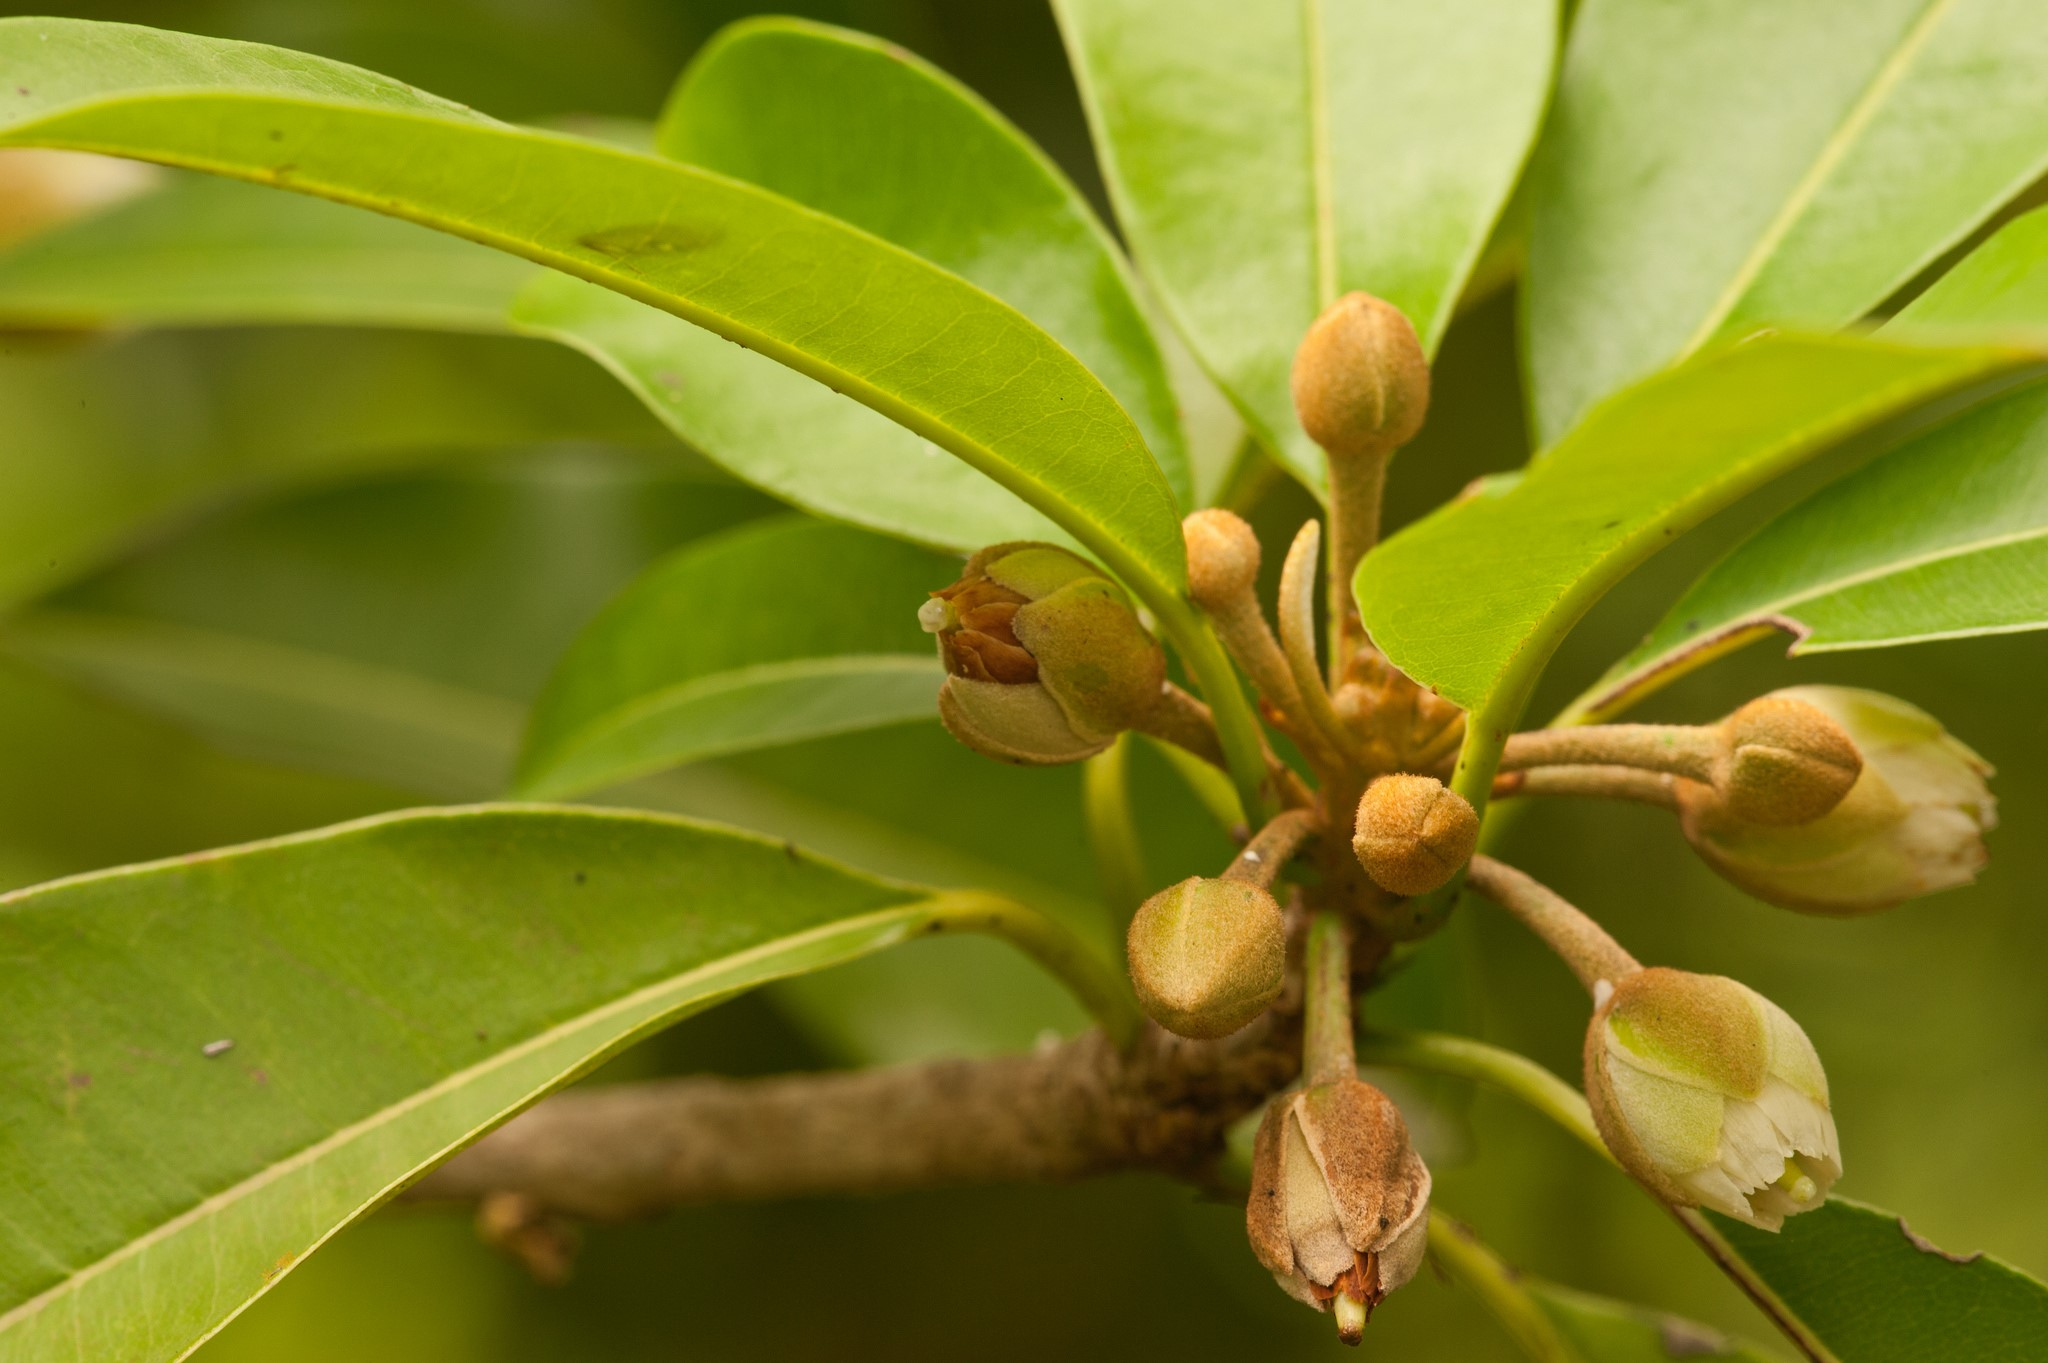 Из цветов вскоре формируются плоды саподилла